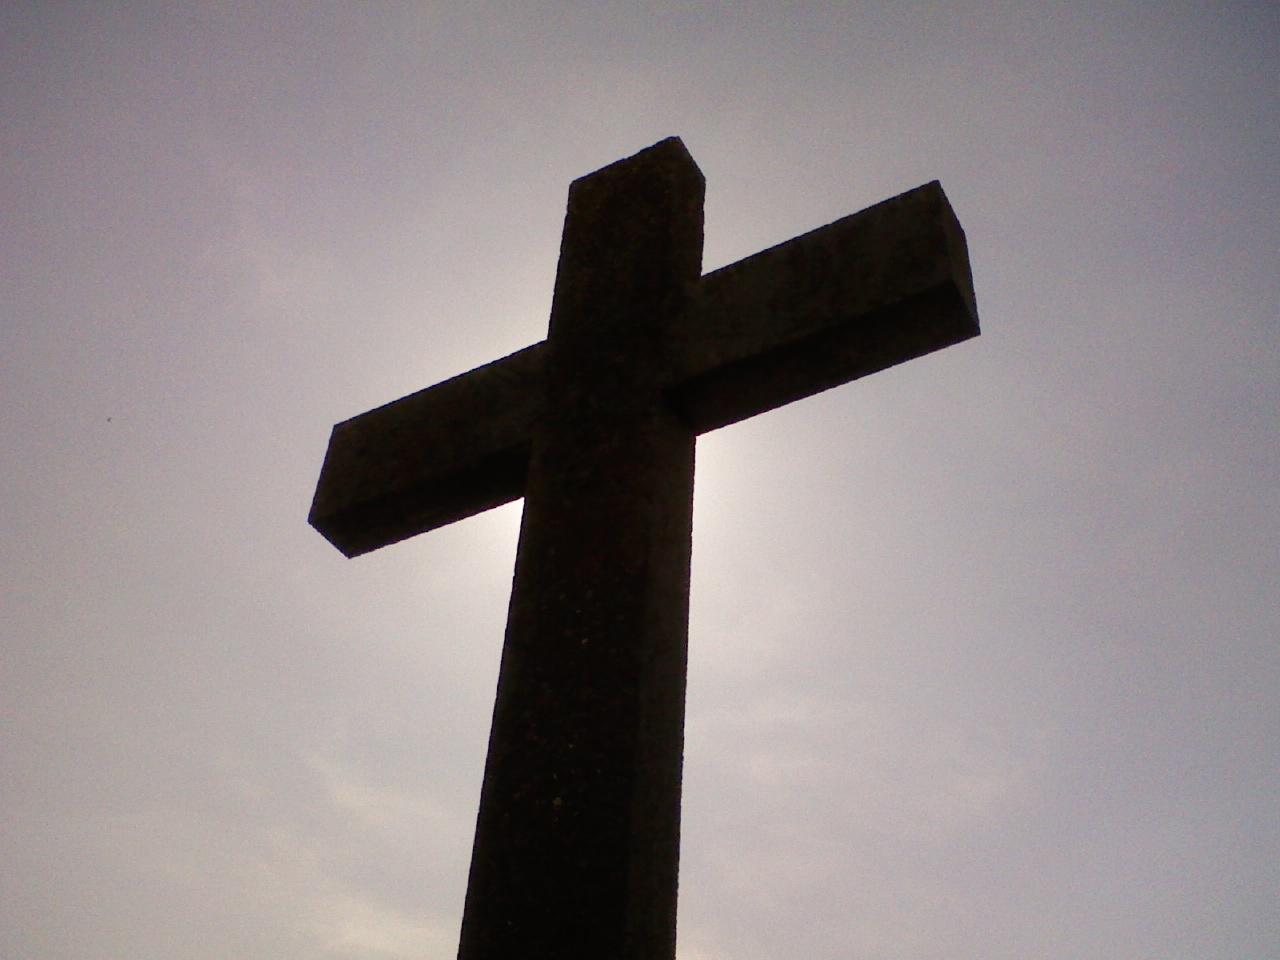 Mörkt kors mot himlen